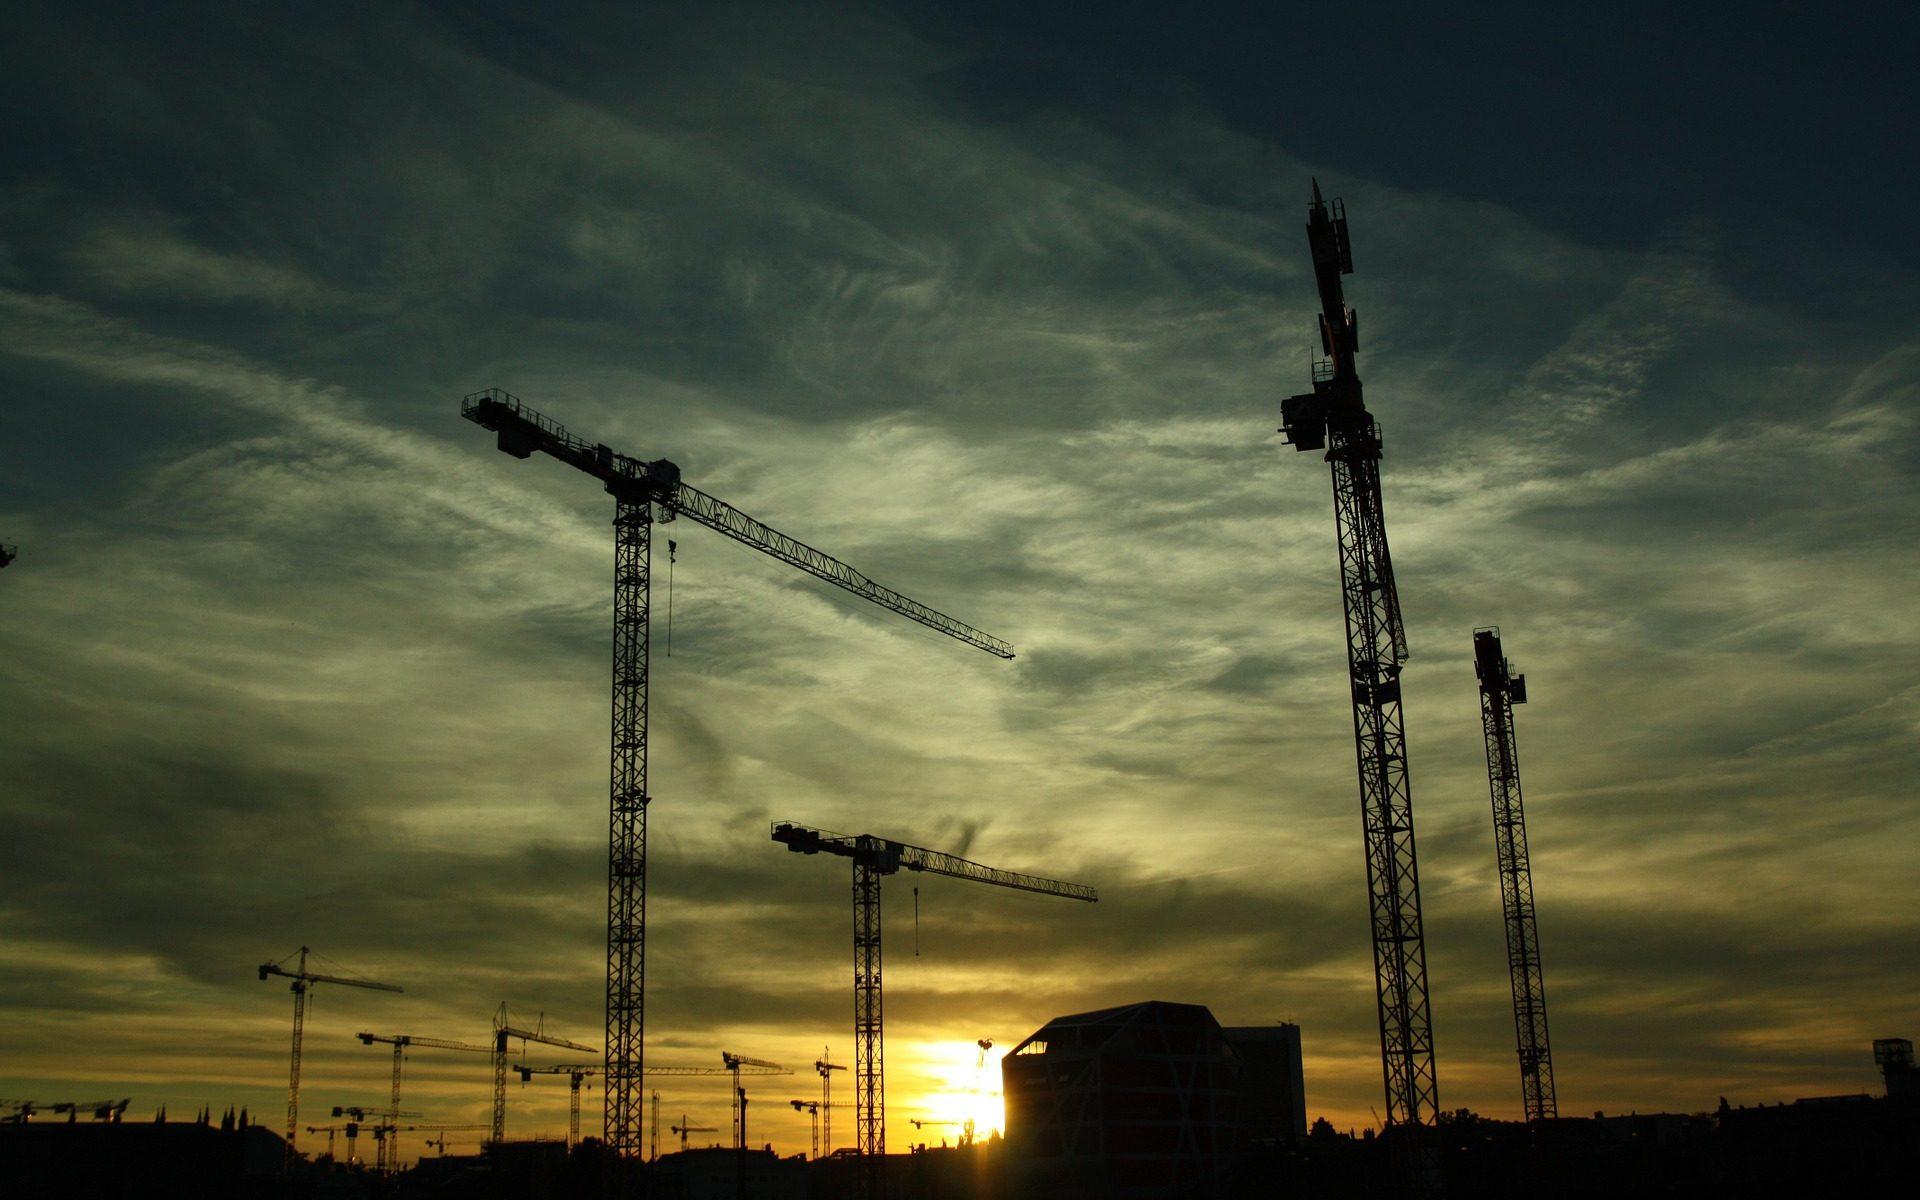 Stadtplanung läuft Entwicklungen hinterher